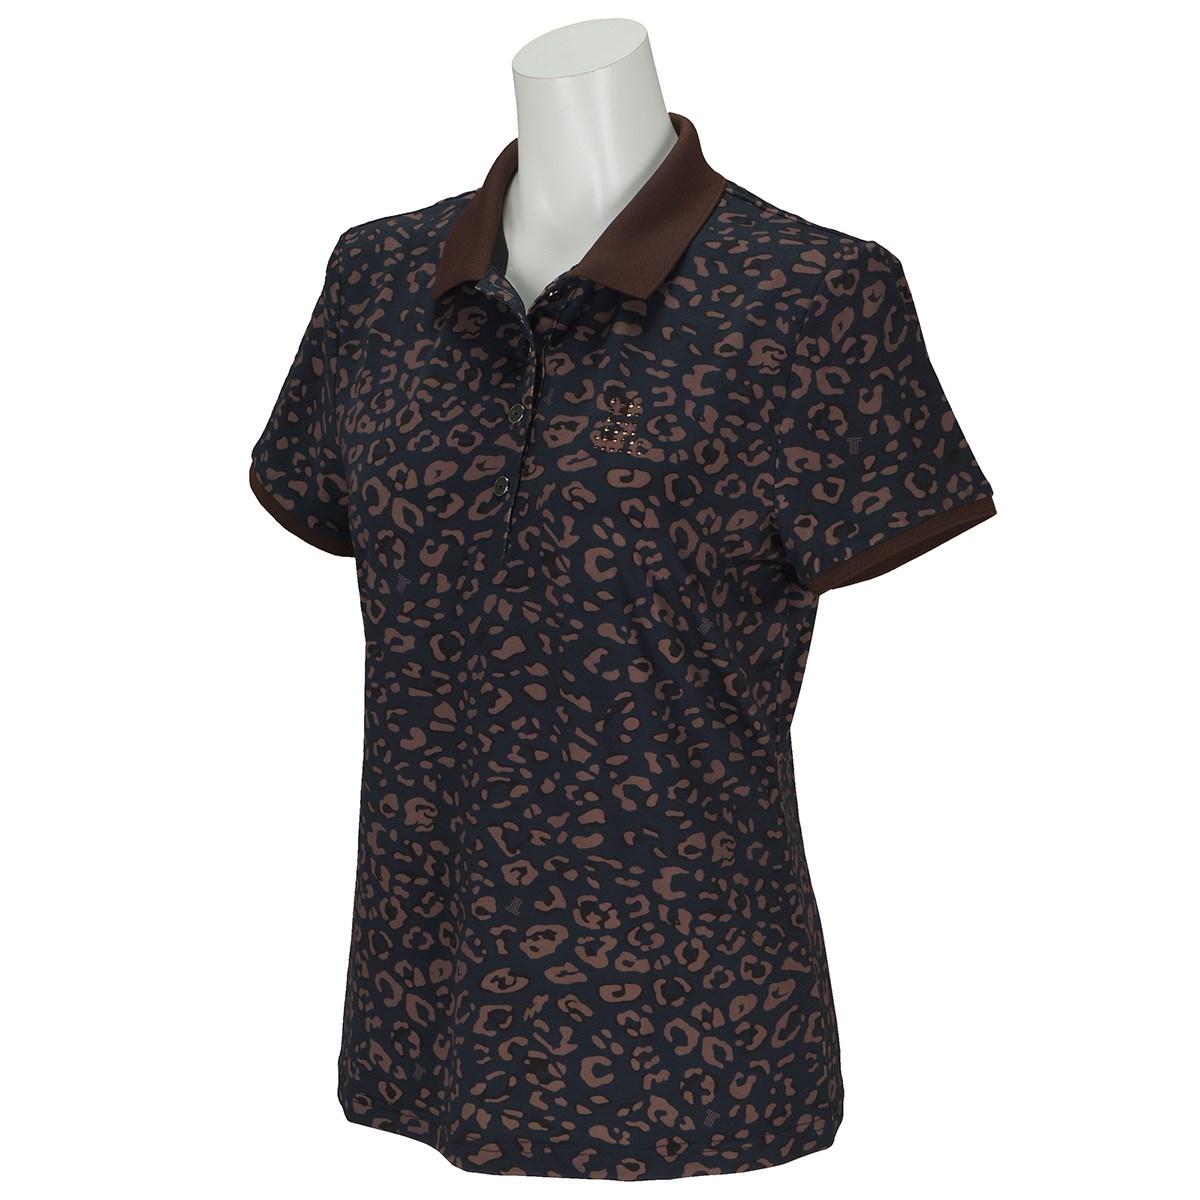 ランバン スポール LANVIN SPORT アニマルプリント半袖ポロシャツ 40 ネイビー 04 レディス